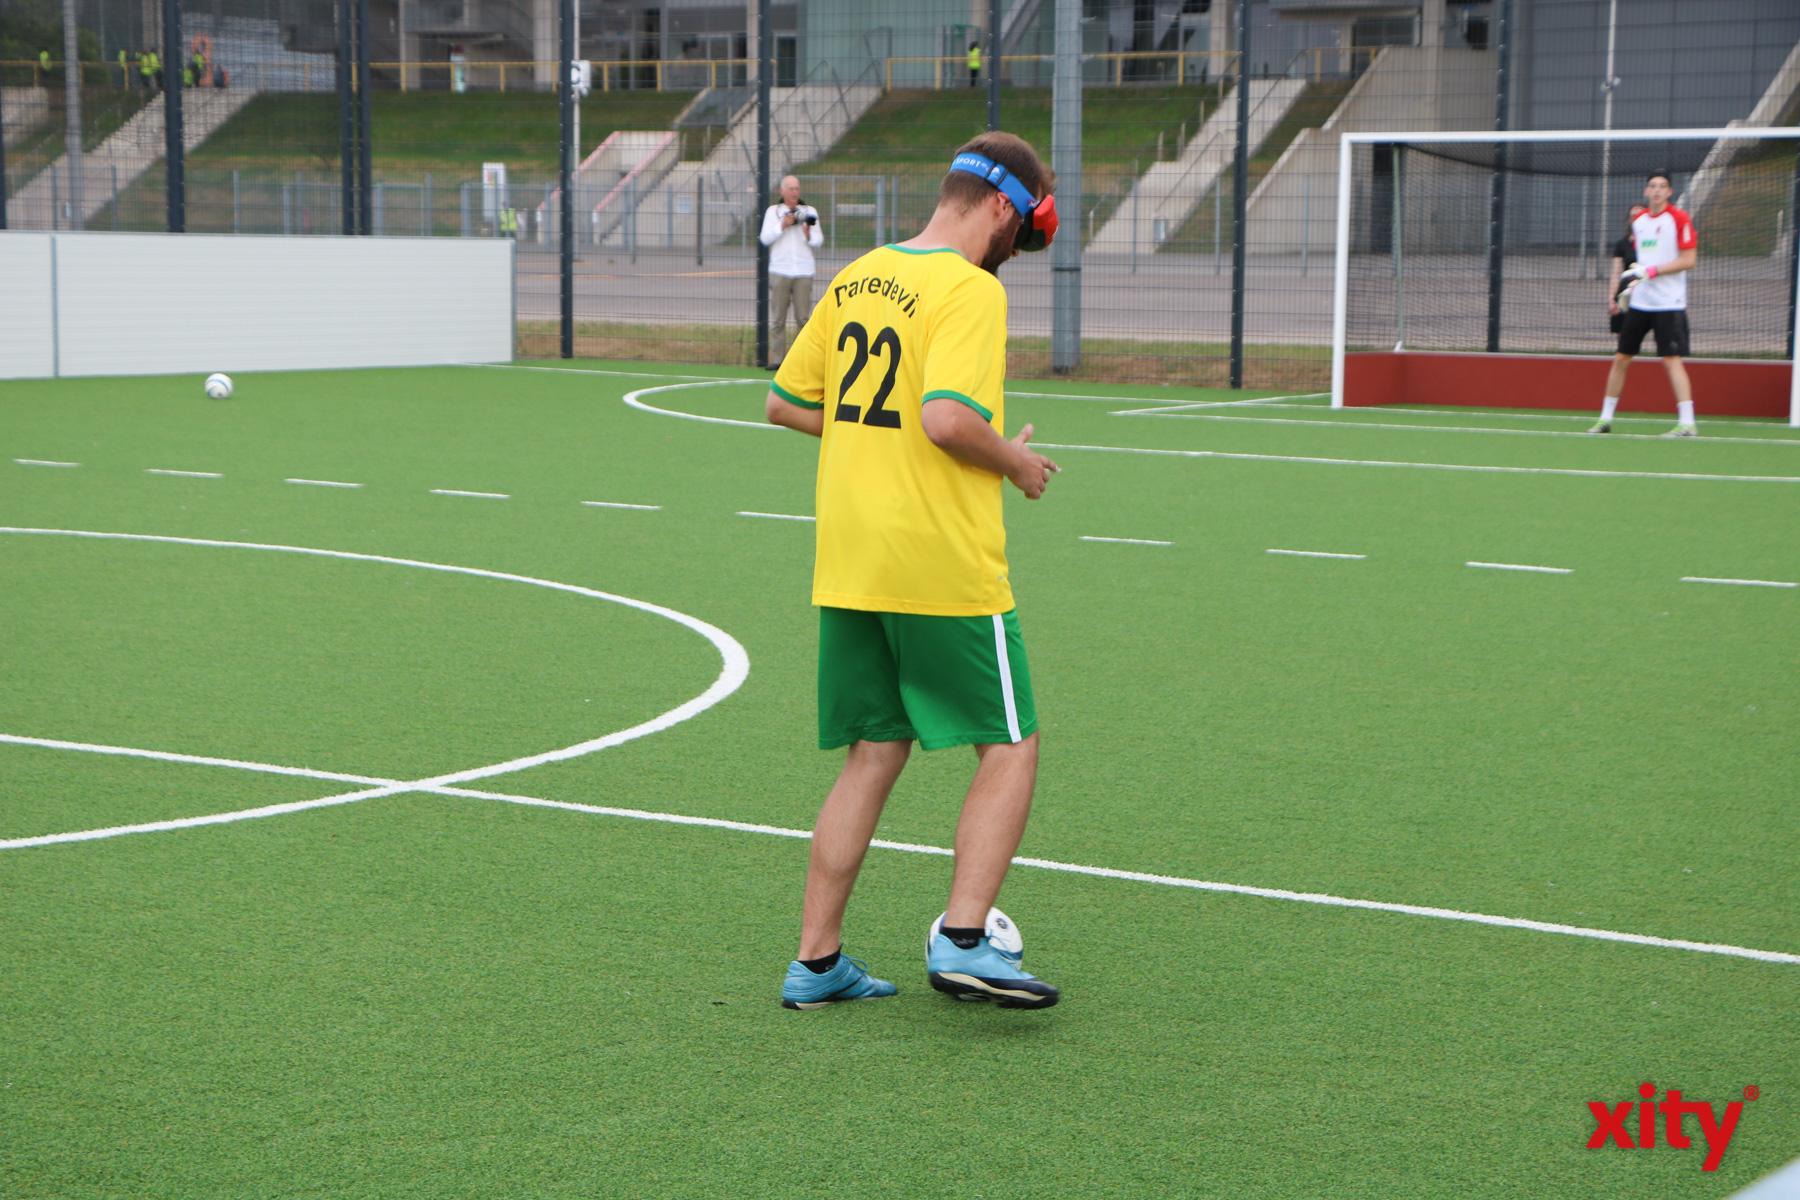 Das neue Spielfeld gibt den blinden Sportlern eine Anlaufstelle, um ihren Sport in Düsseldorf auszuüben (Foto: xity)